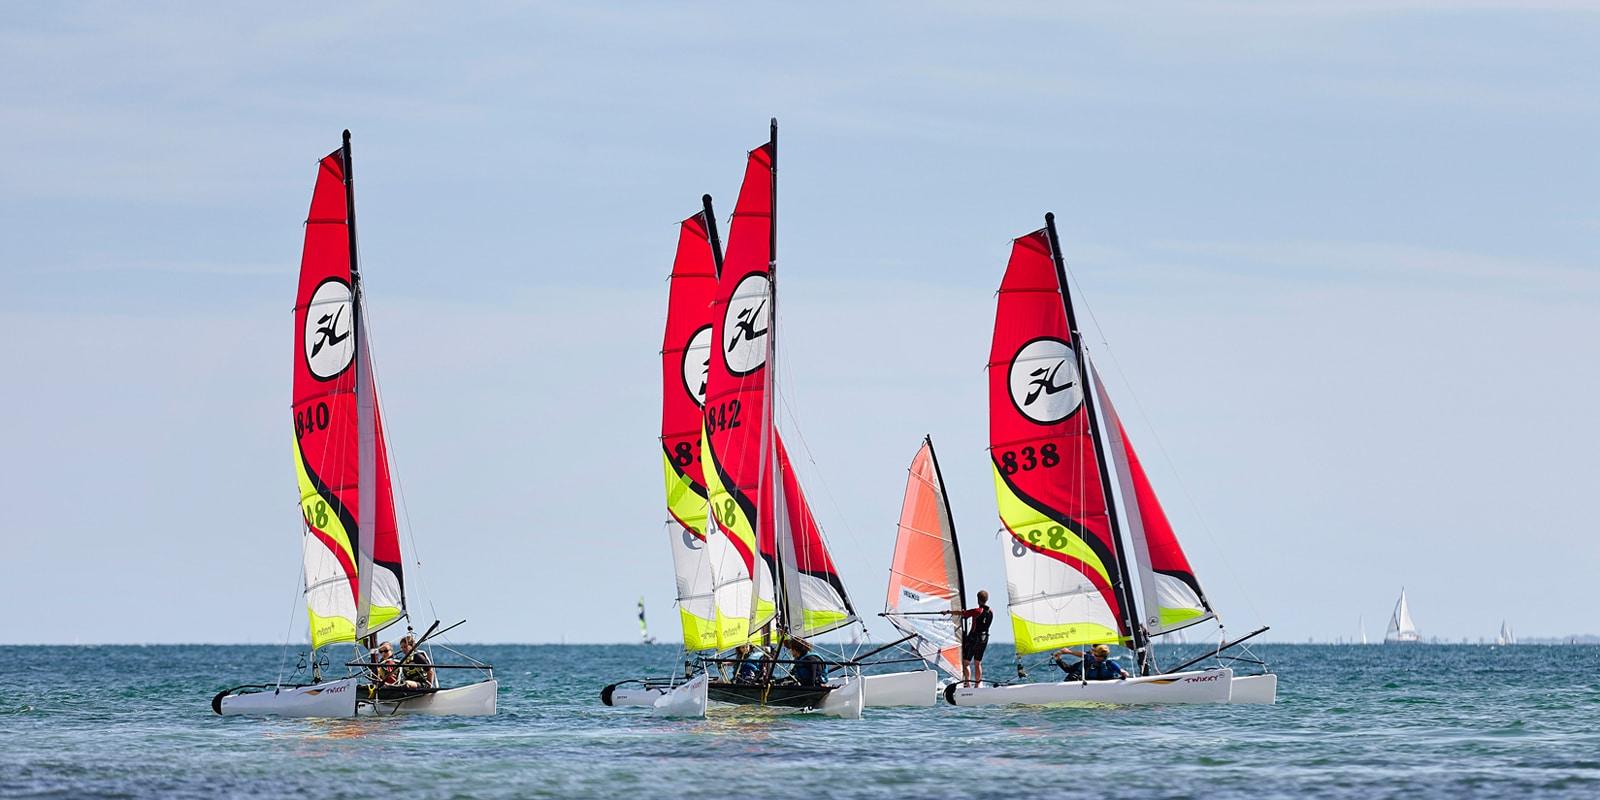 Voile et d'autres activités nautiques à Carnac